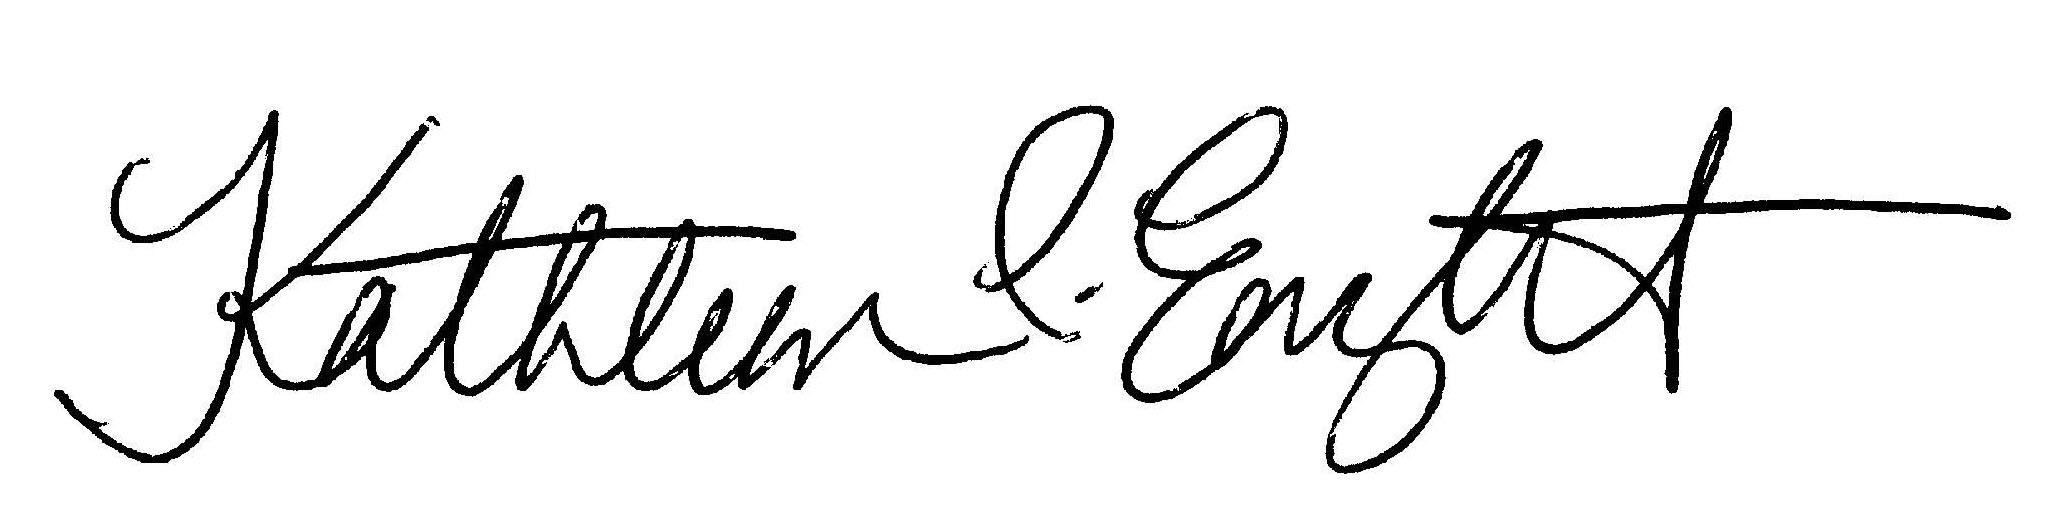 Signature_Enright